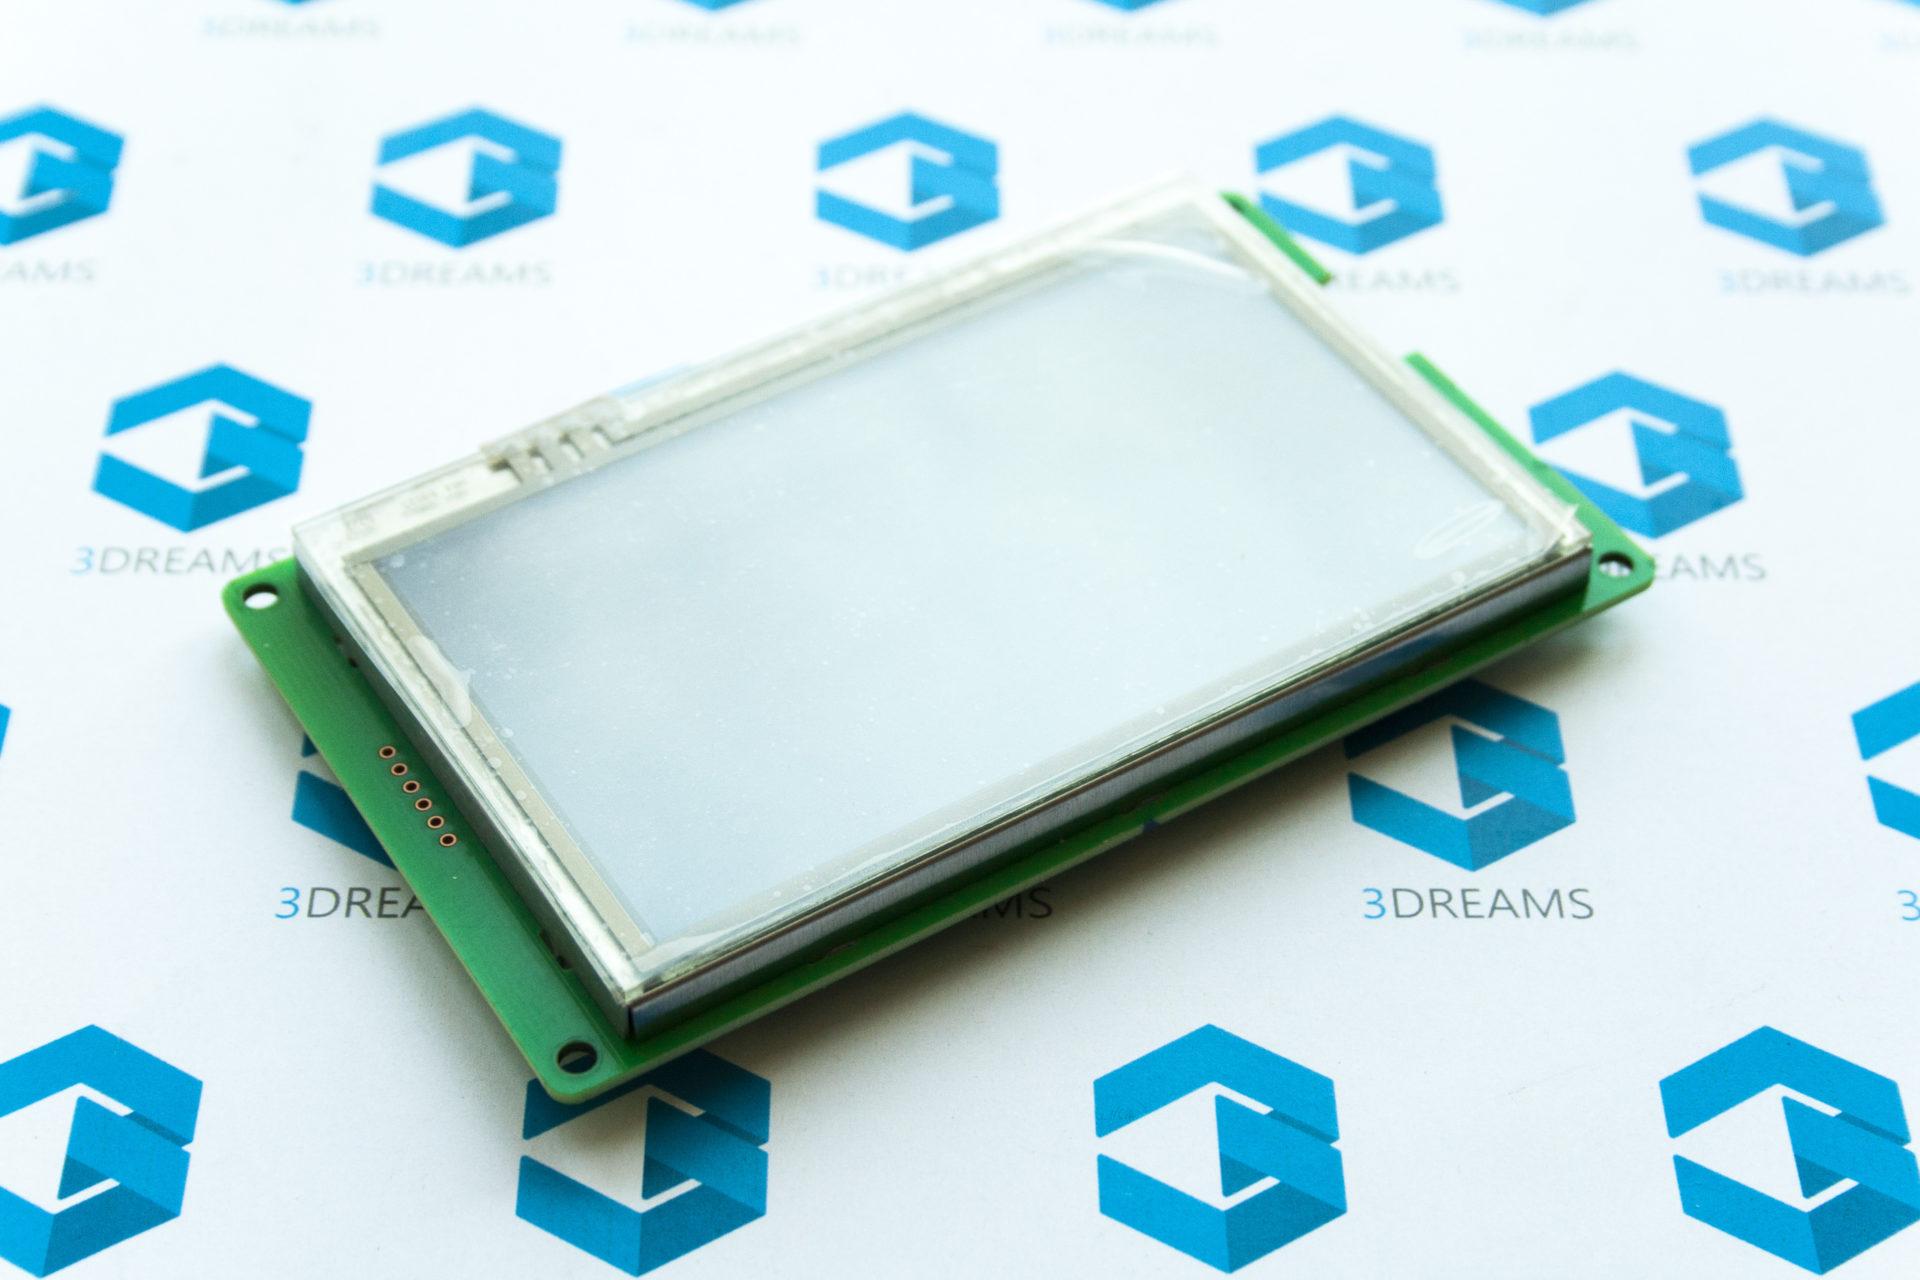 Дисплей сенсорный для 3D принтера Wanhao D9 купить киев харьков льков днепр запорожье одесса 1